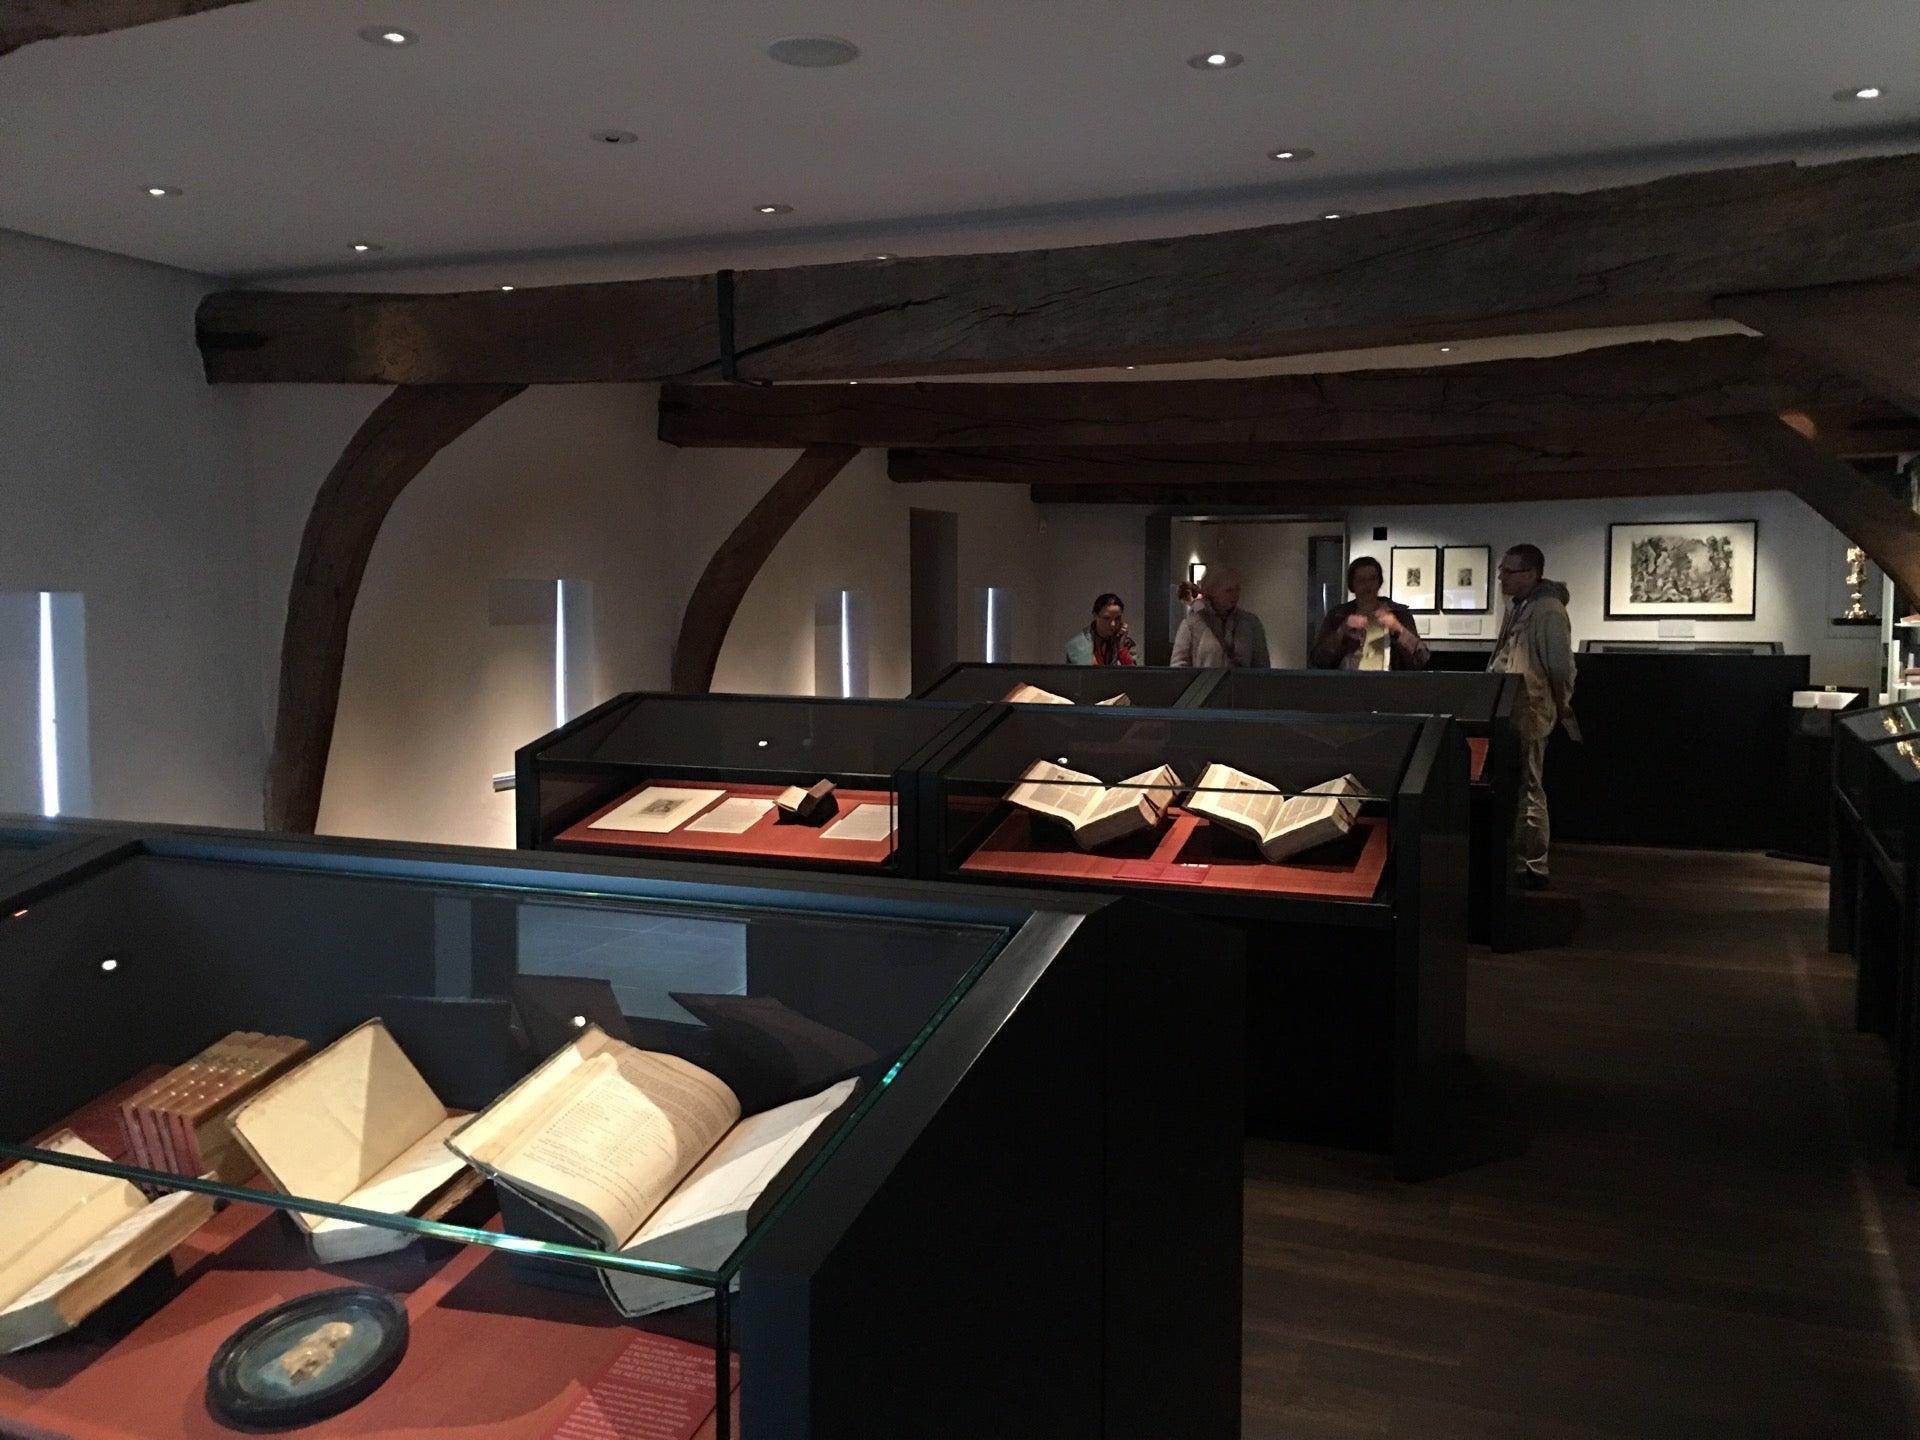 stiftsmuseum xanten